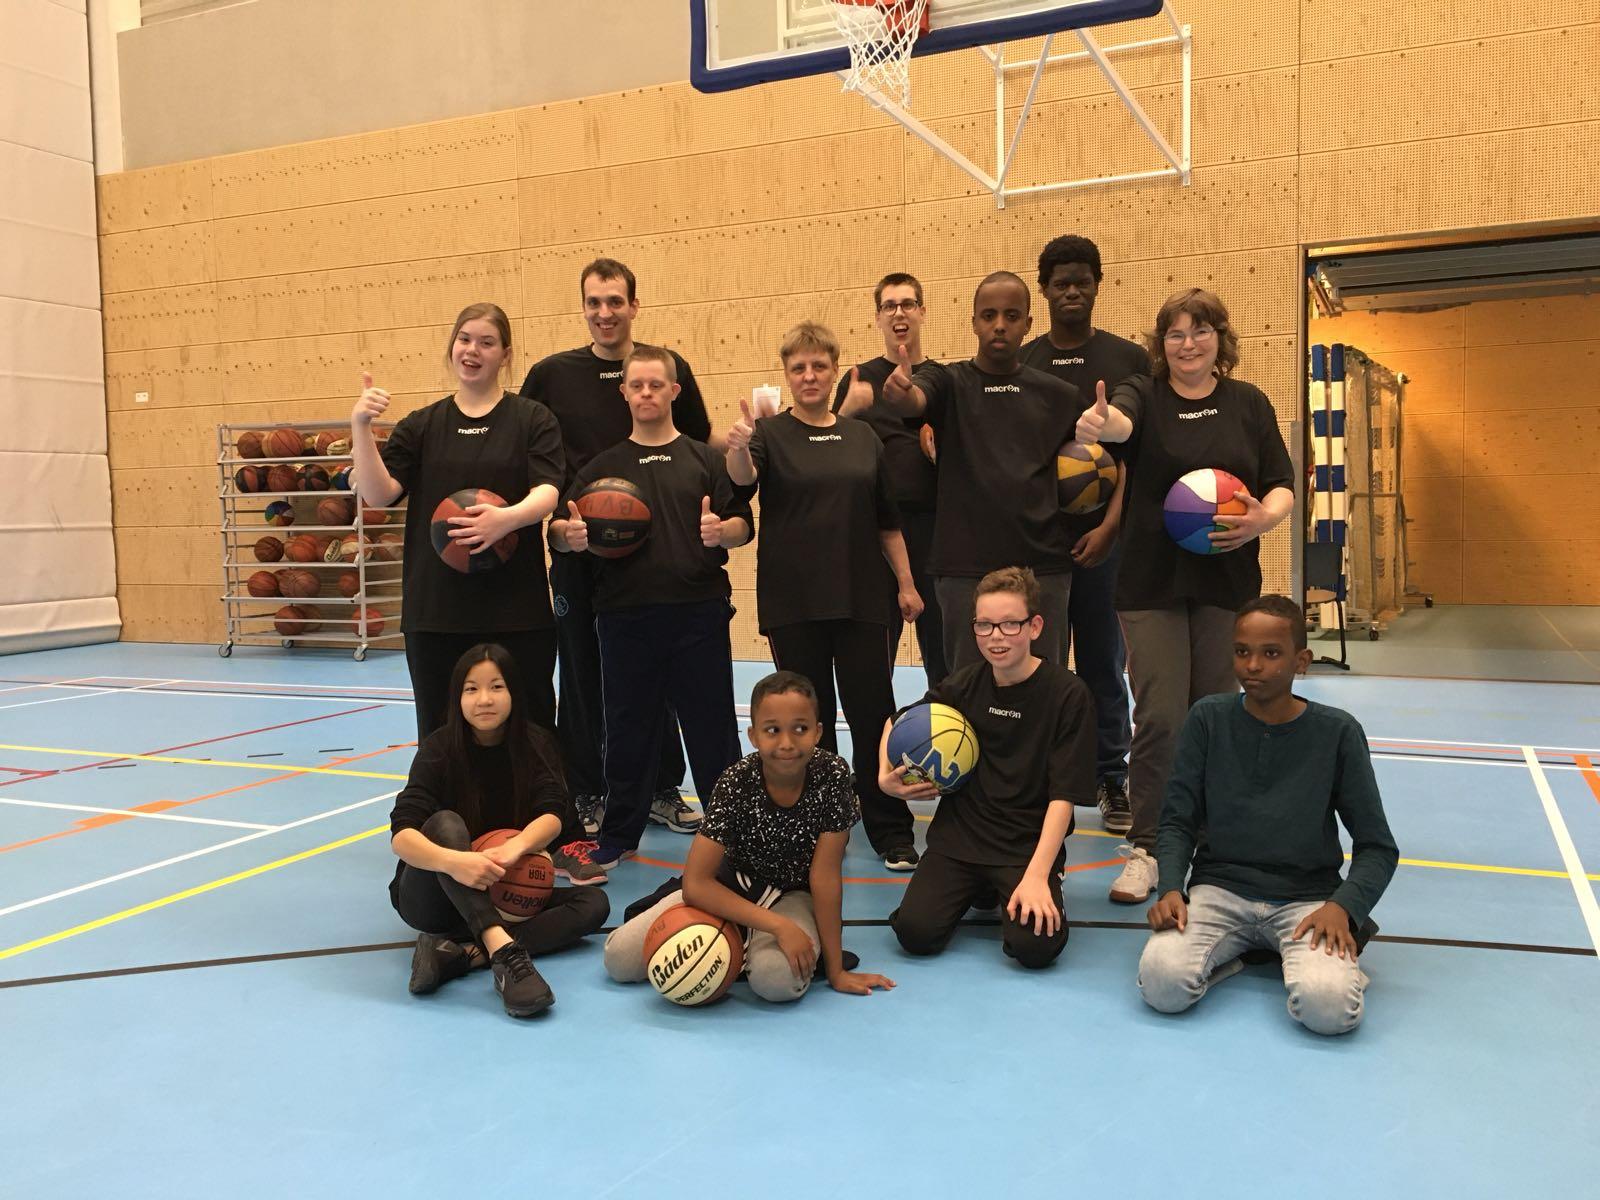 Teamfoto BV Hoofddorp G-Team